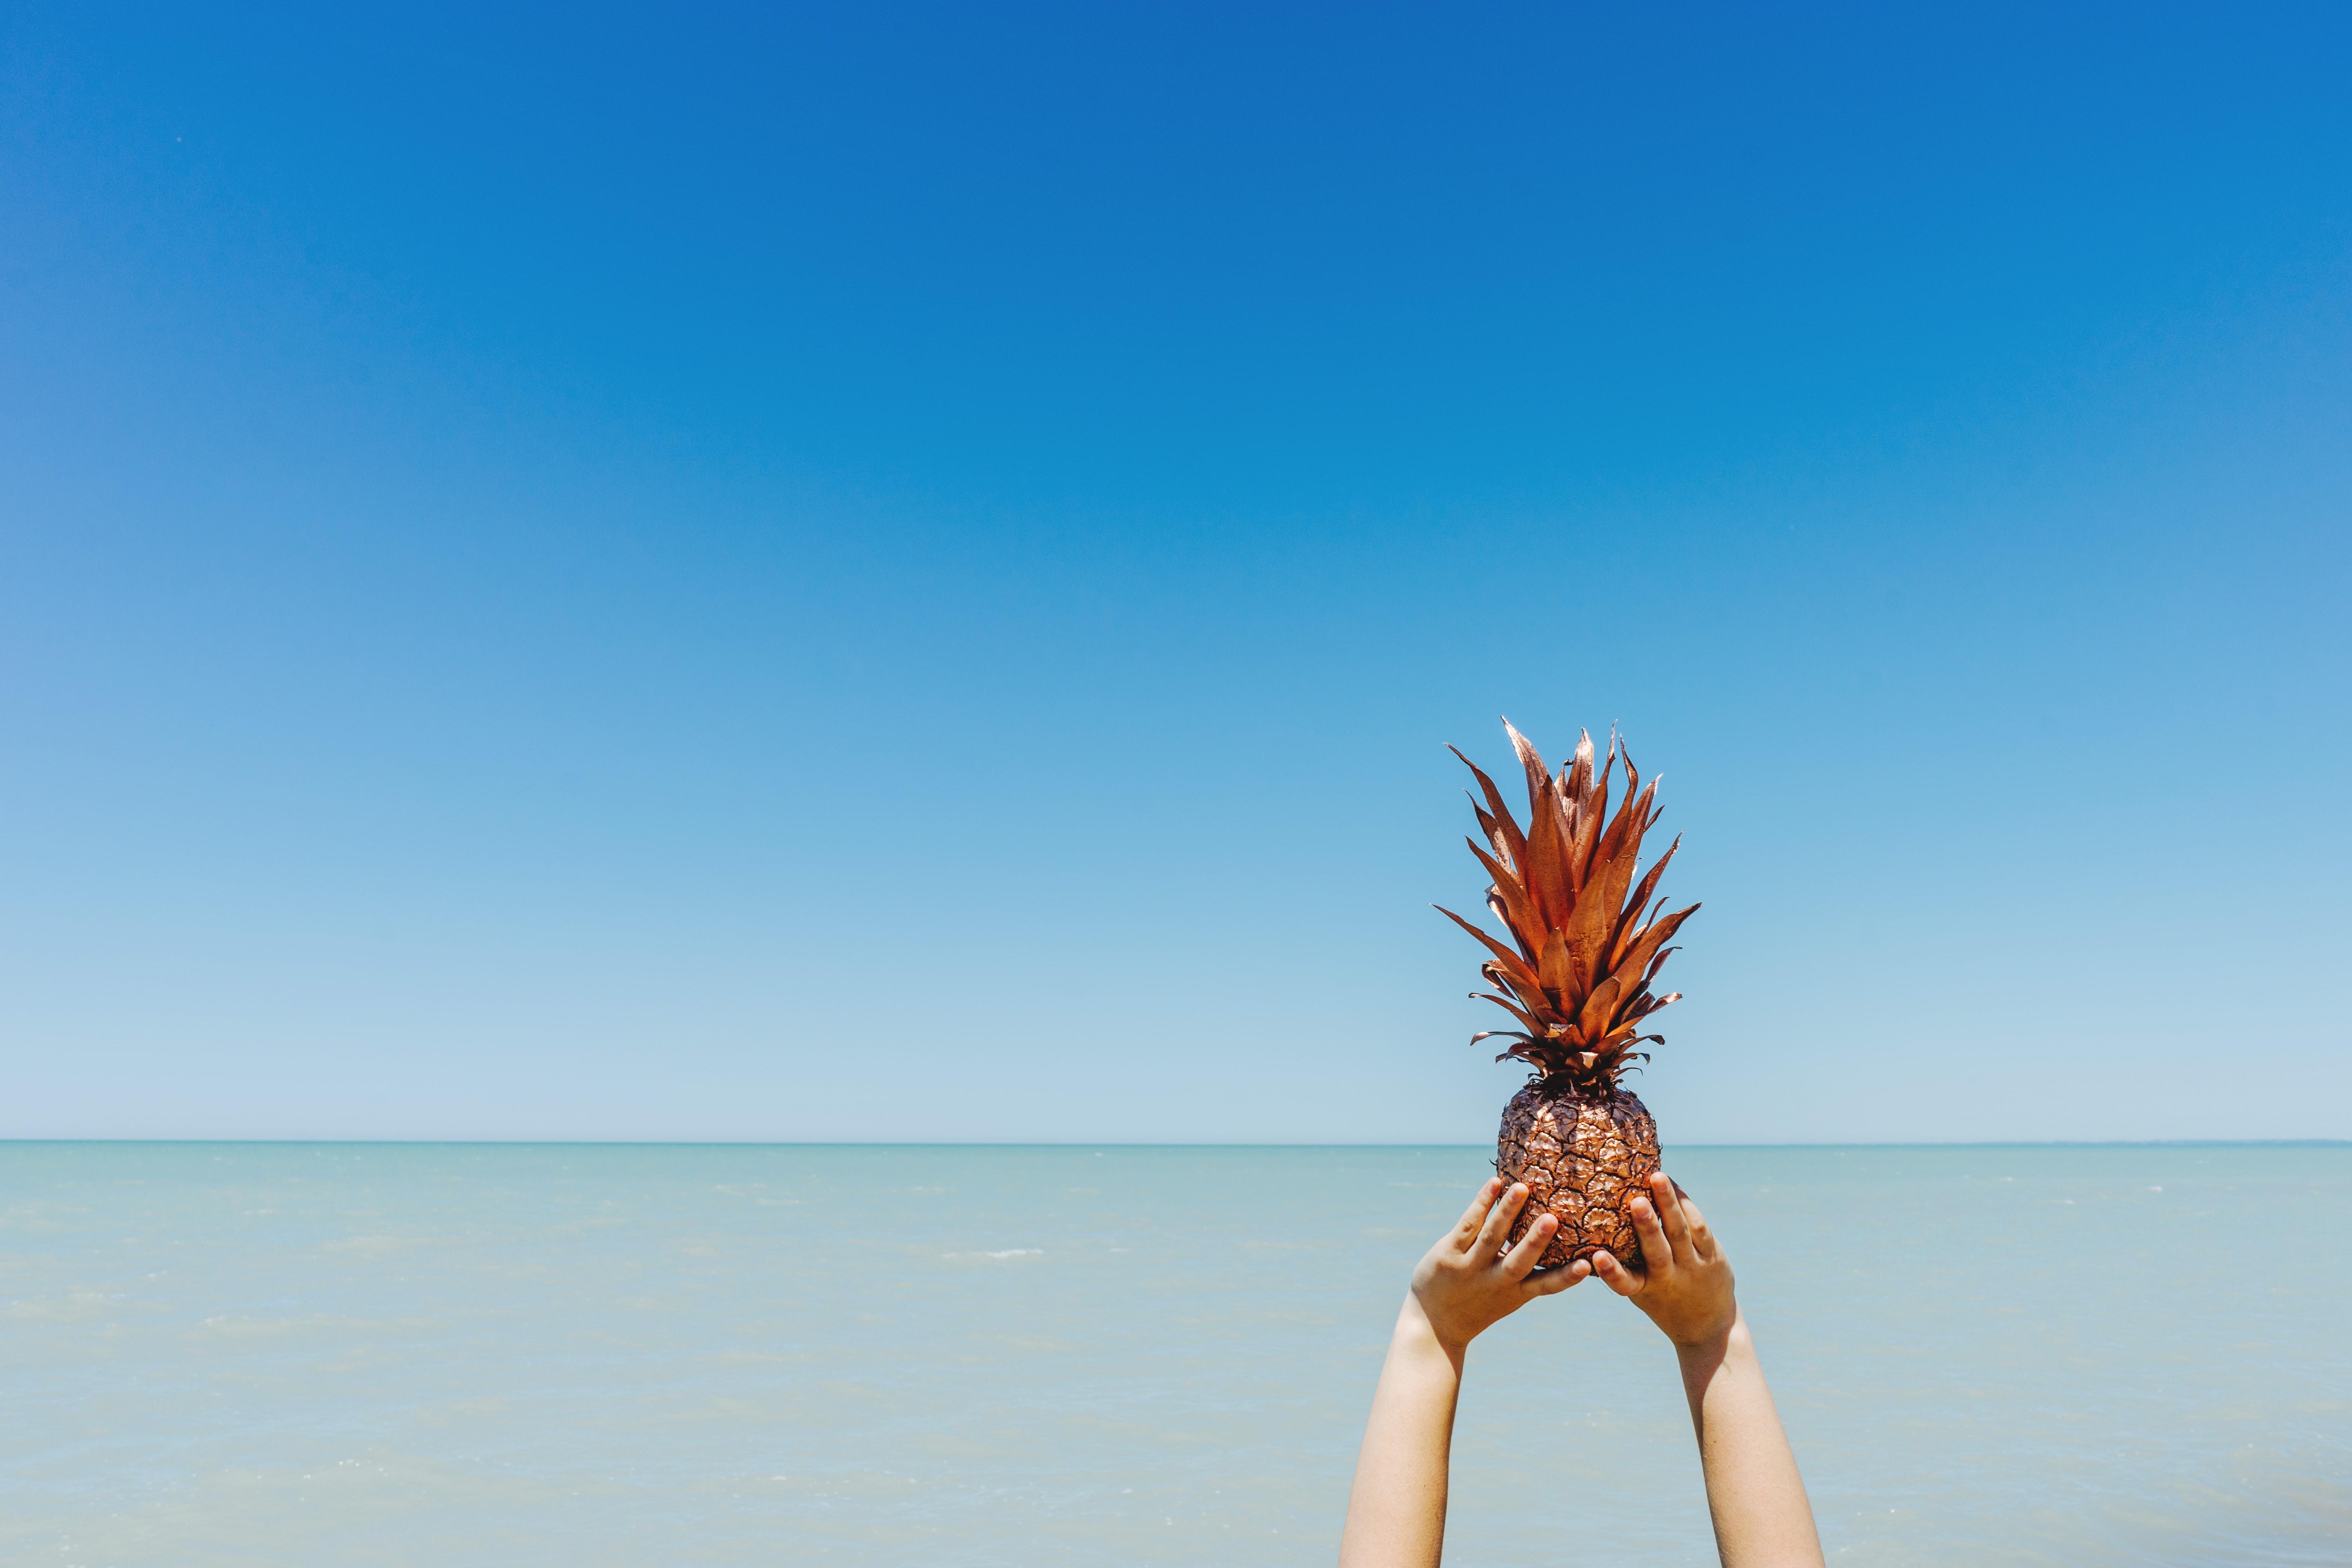 ряска пляжный минимализм фото осенью тайге, как